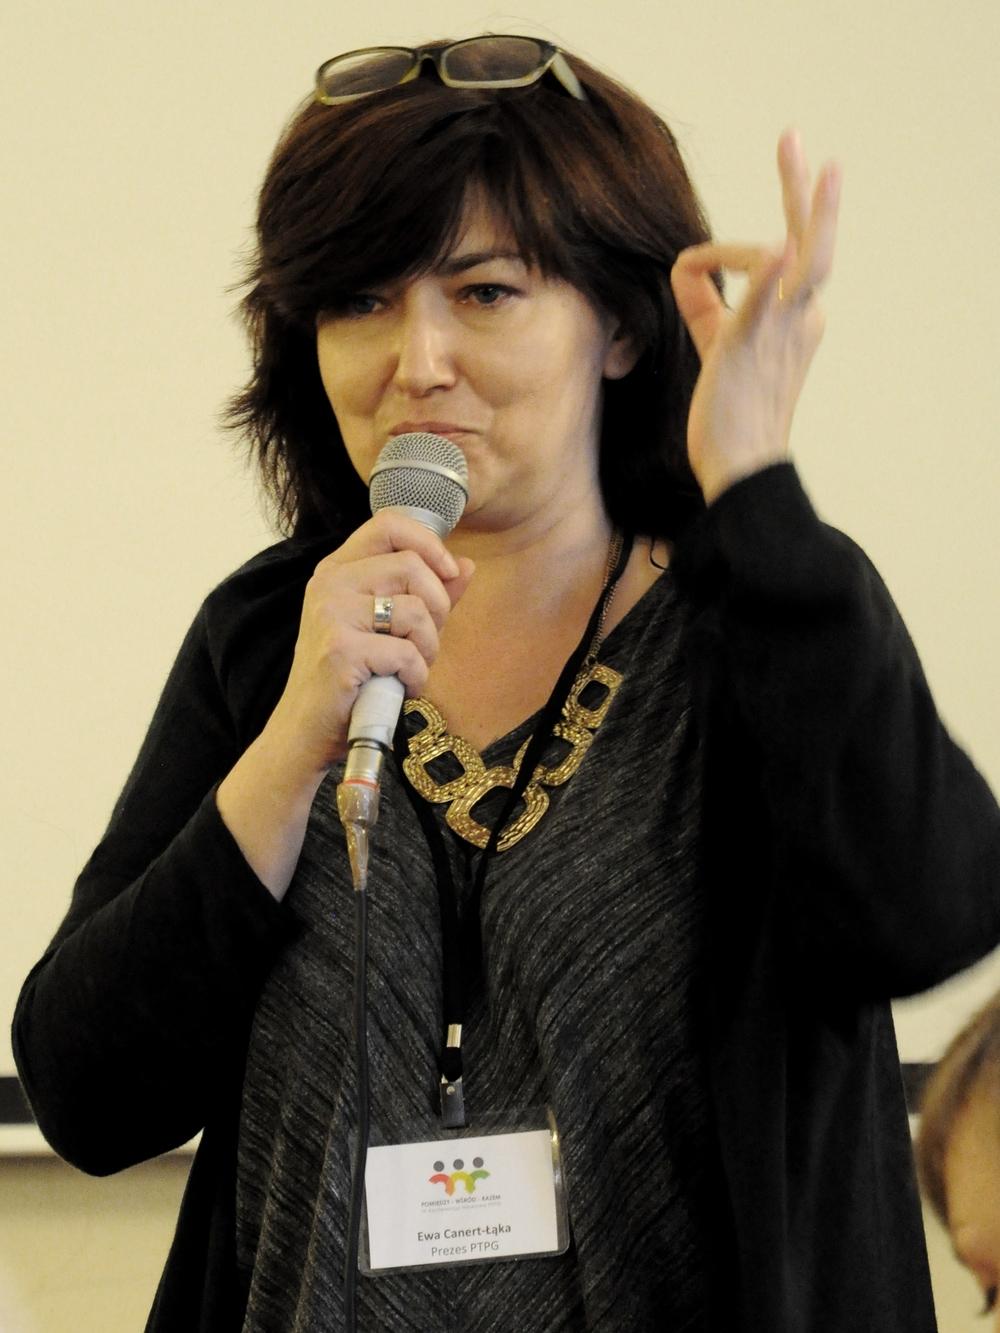 Ewa Canert-Łąka. Image courtesy of PTPG.